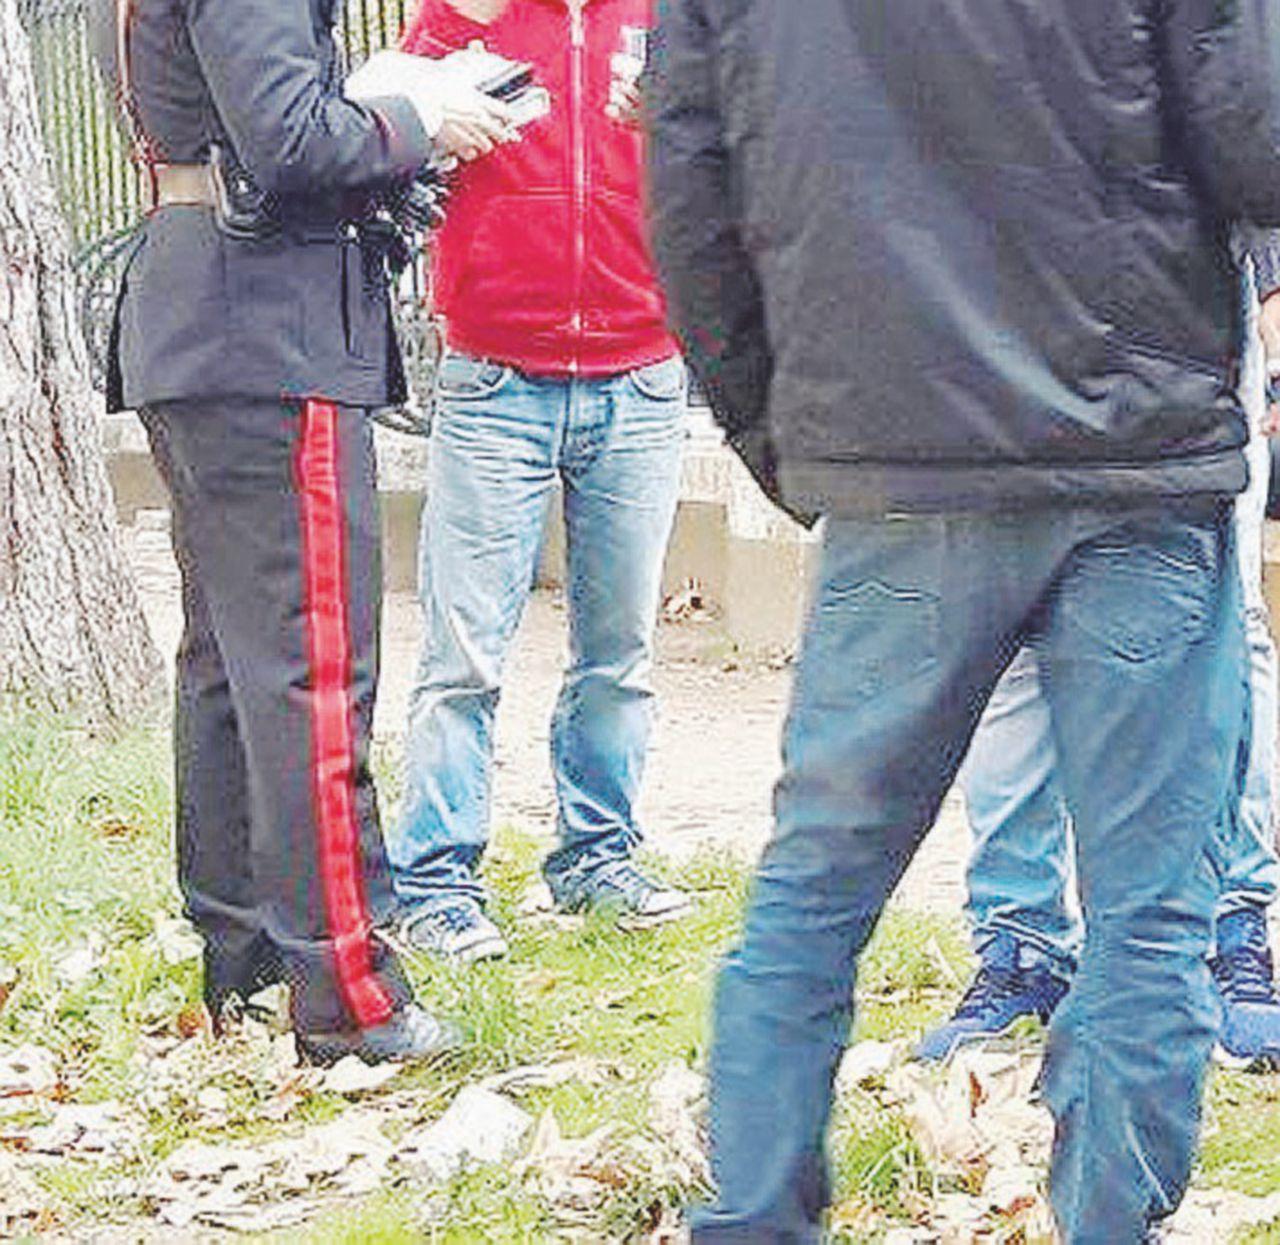 Insulti razzisti e botte: a processo 28 carabinieri